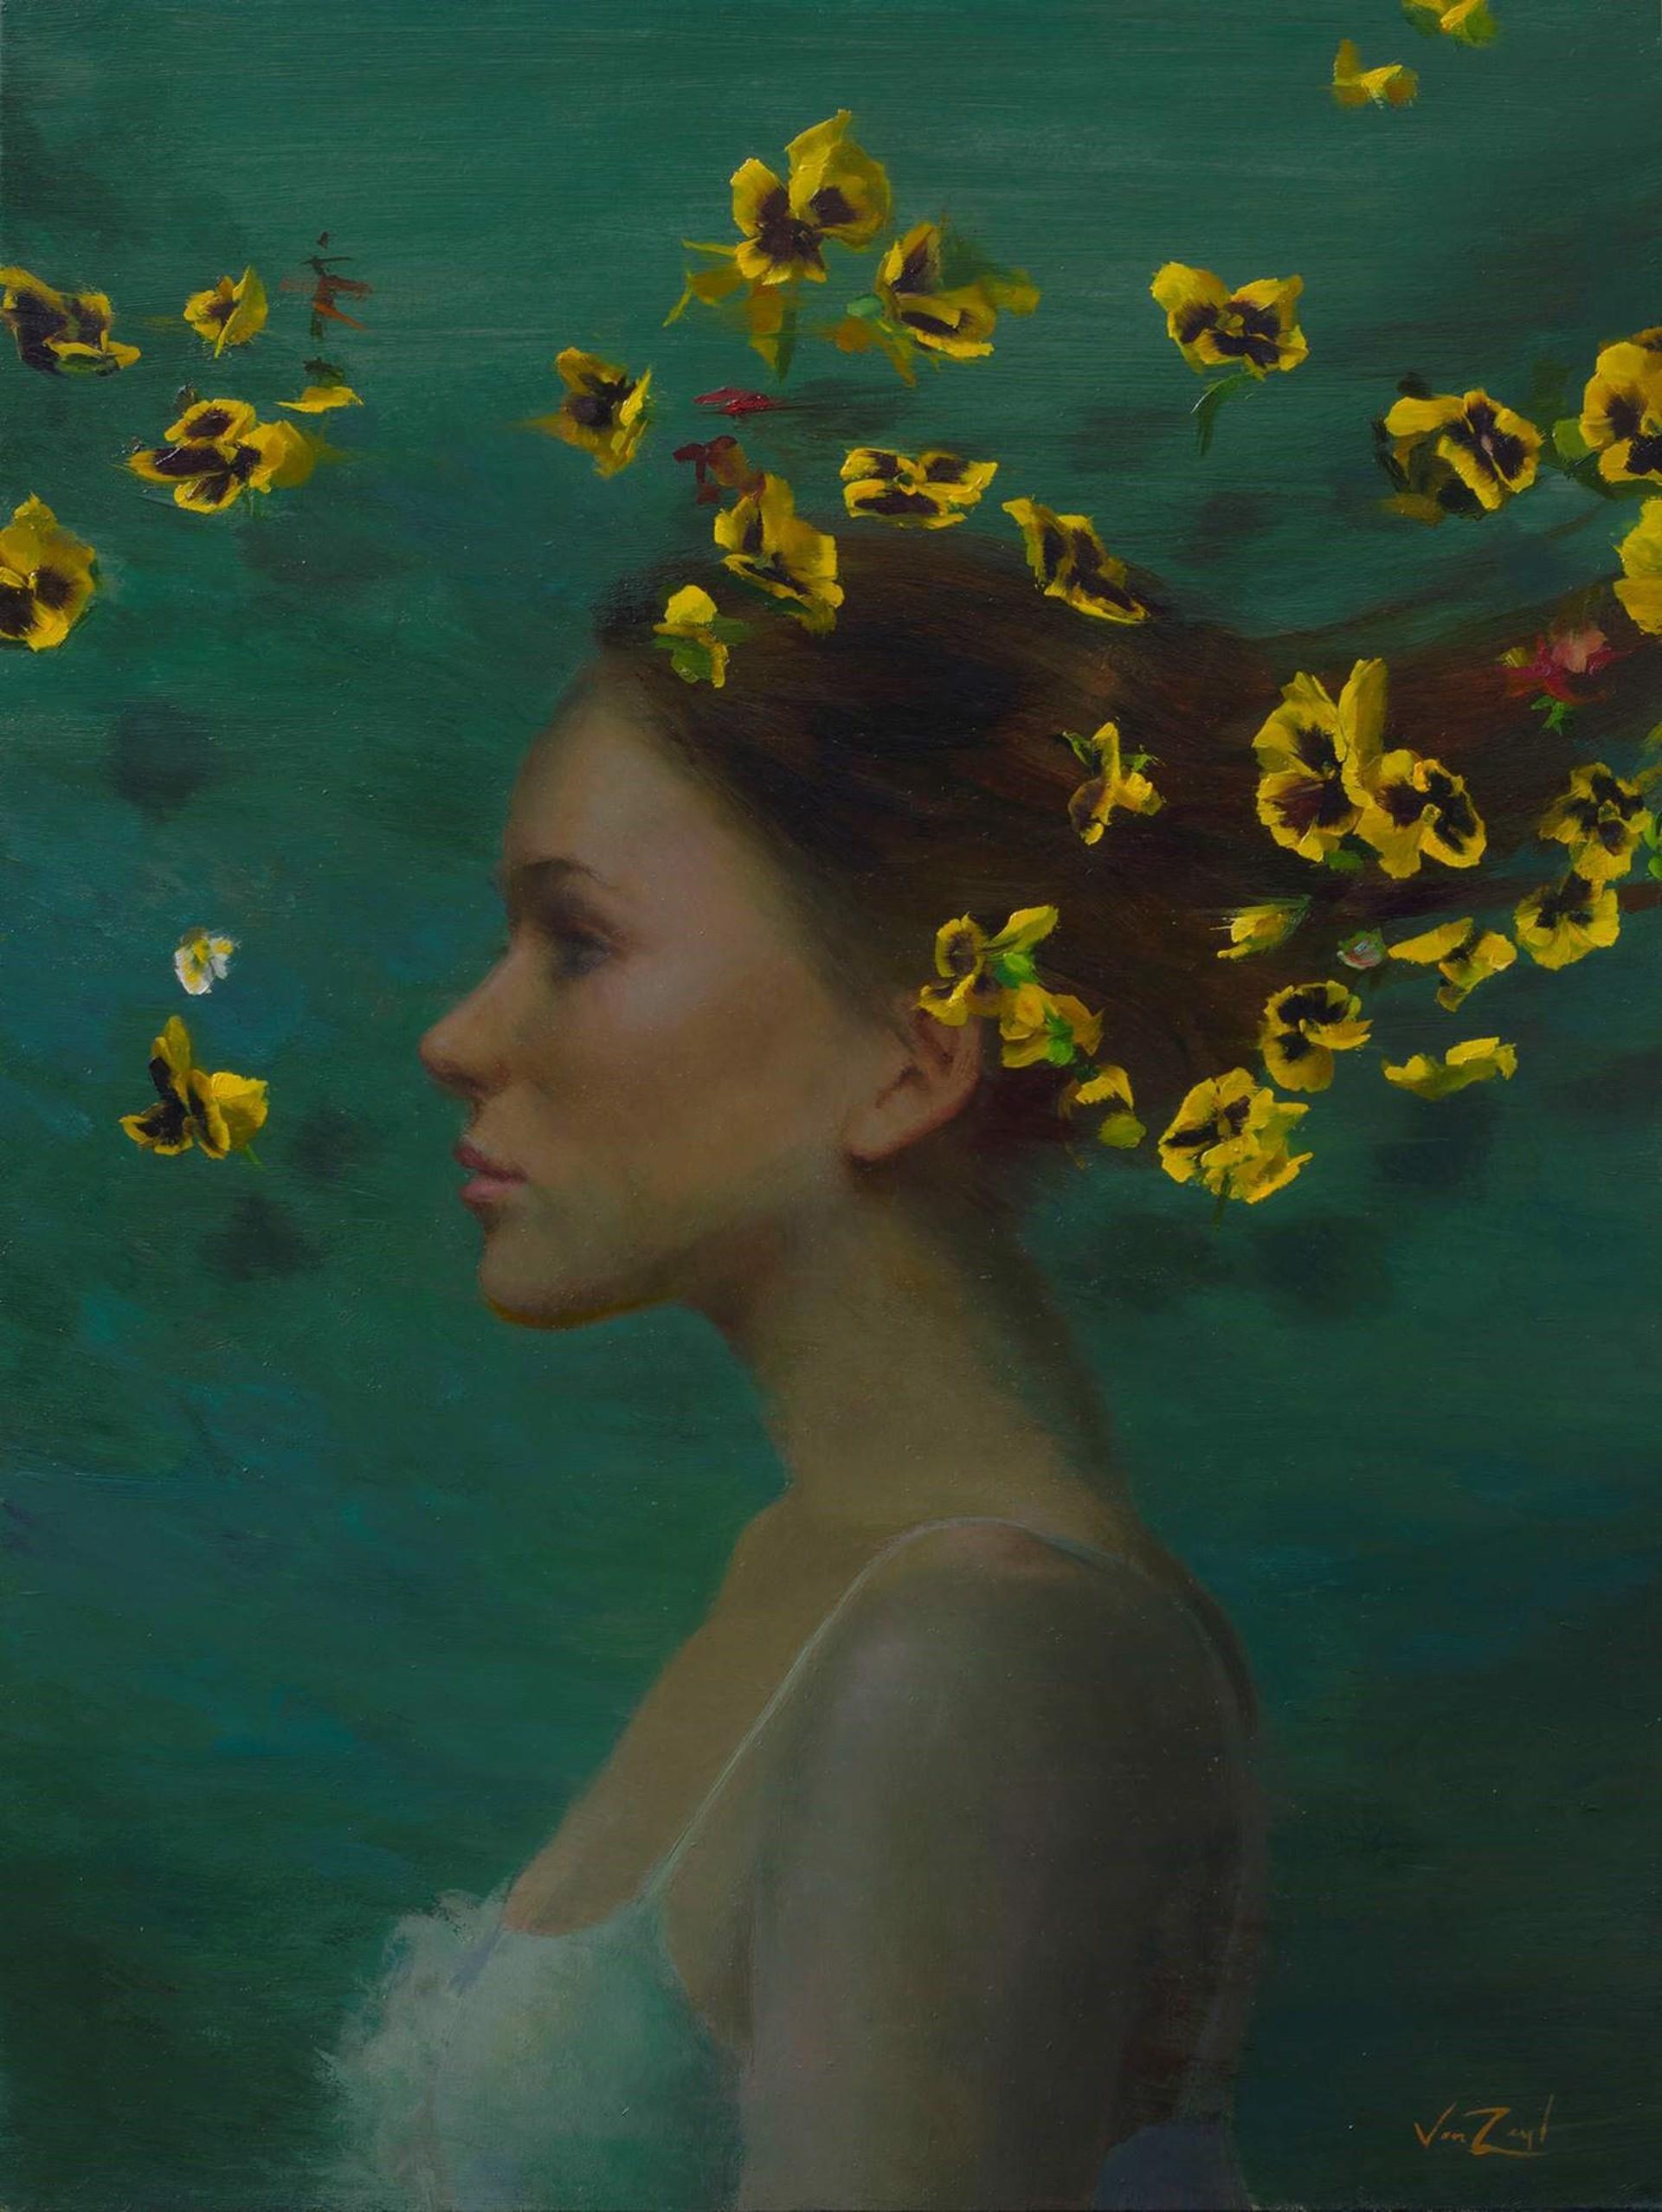 Yellow Breeze by Michael Van Zeyl